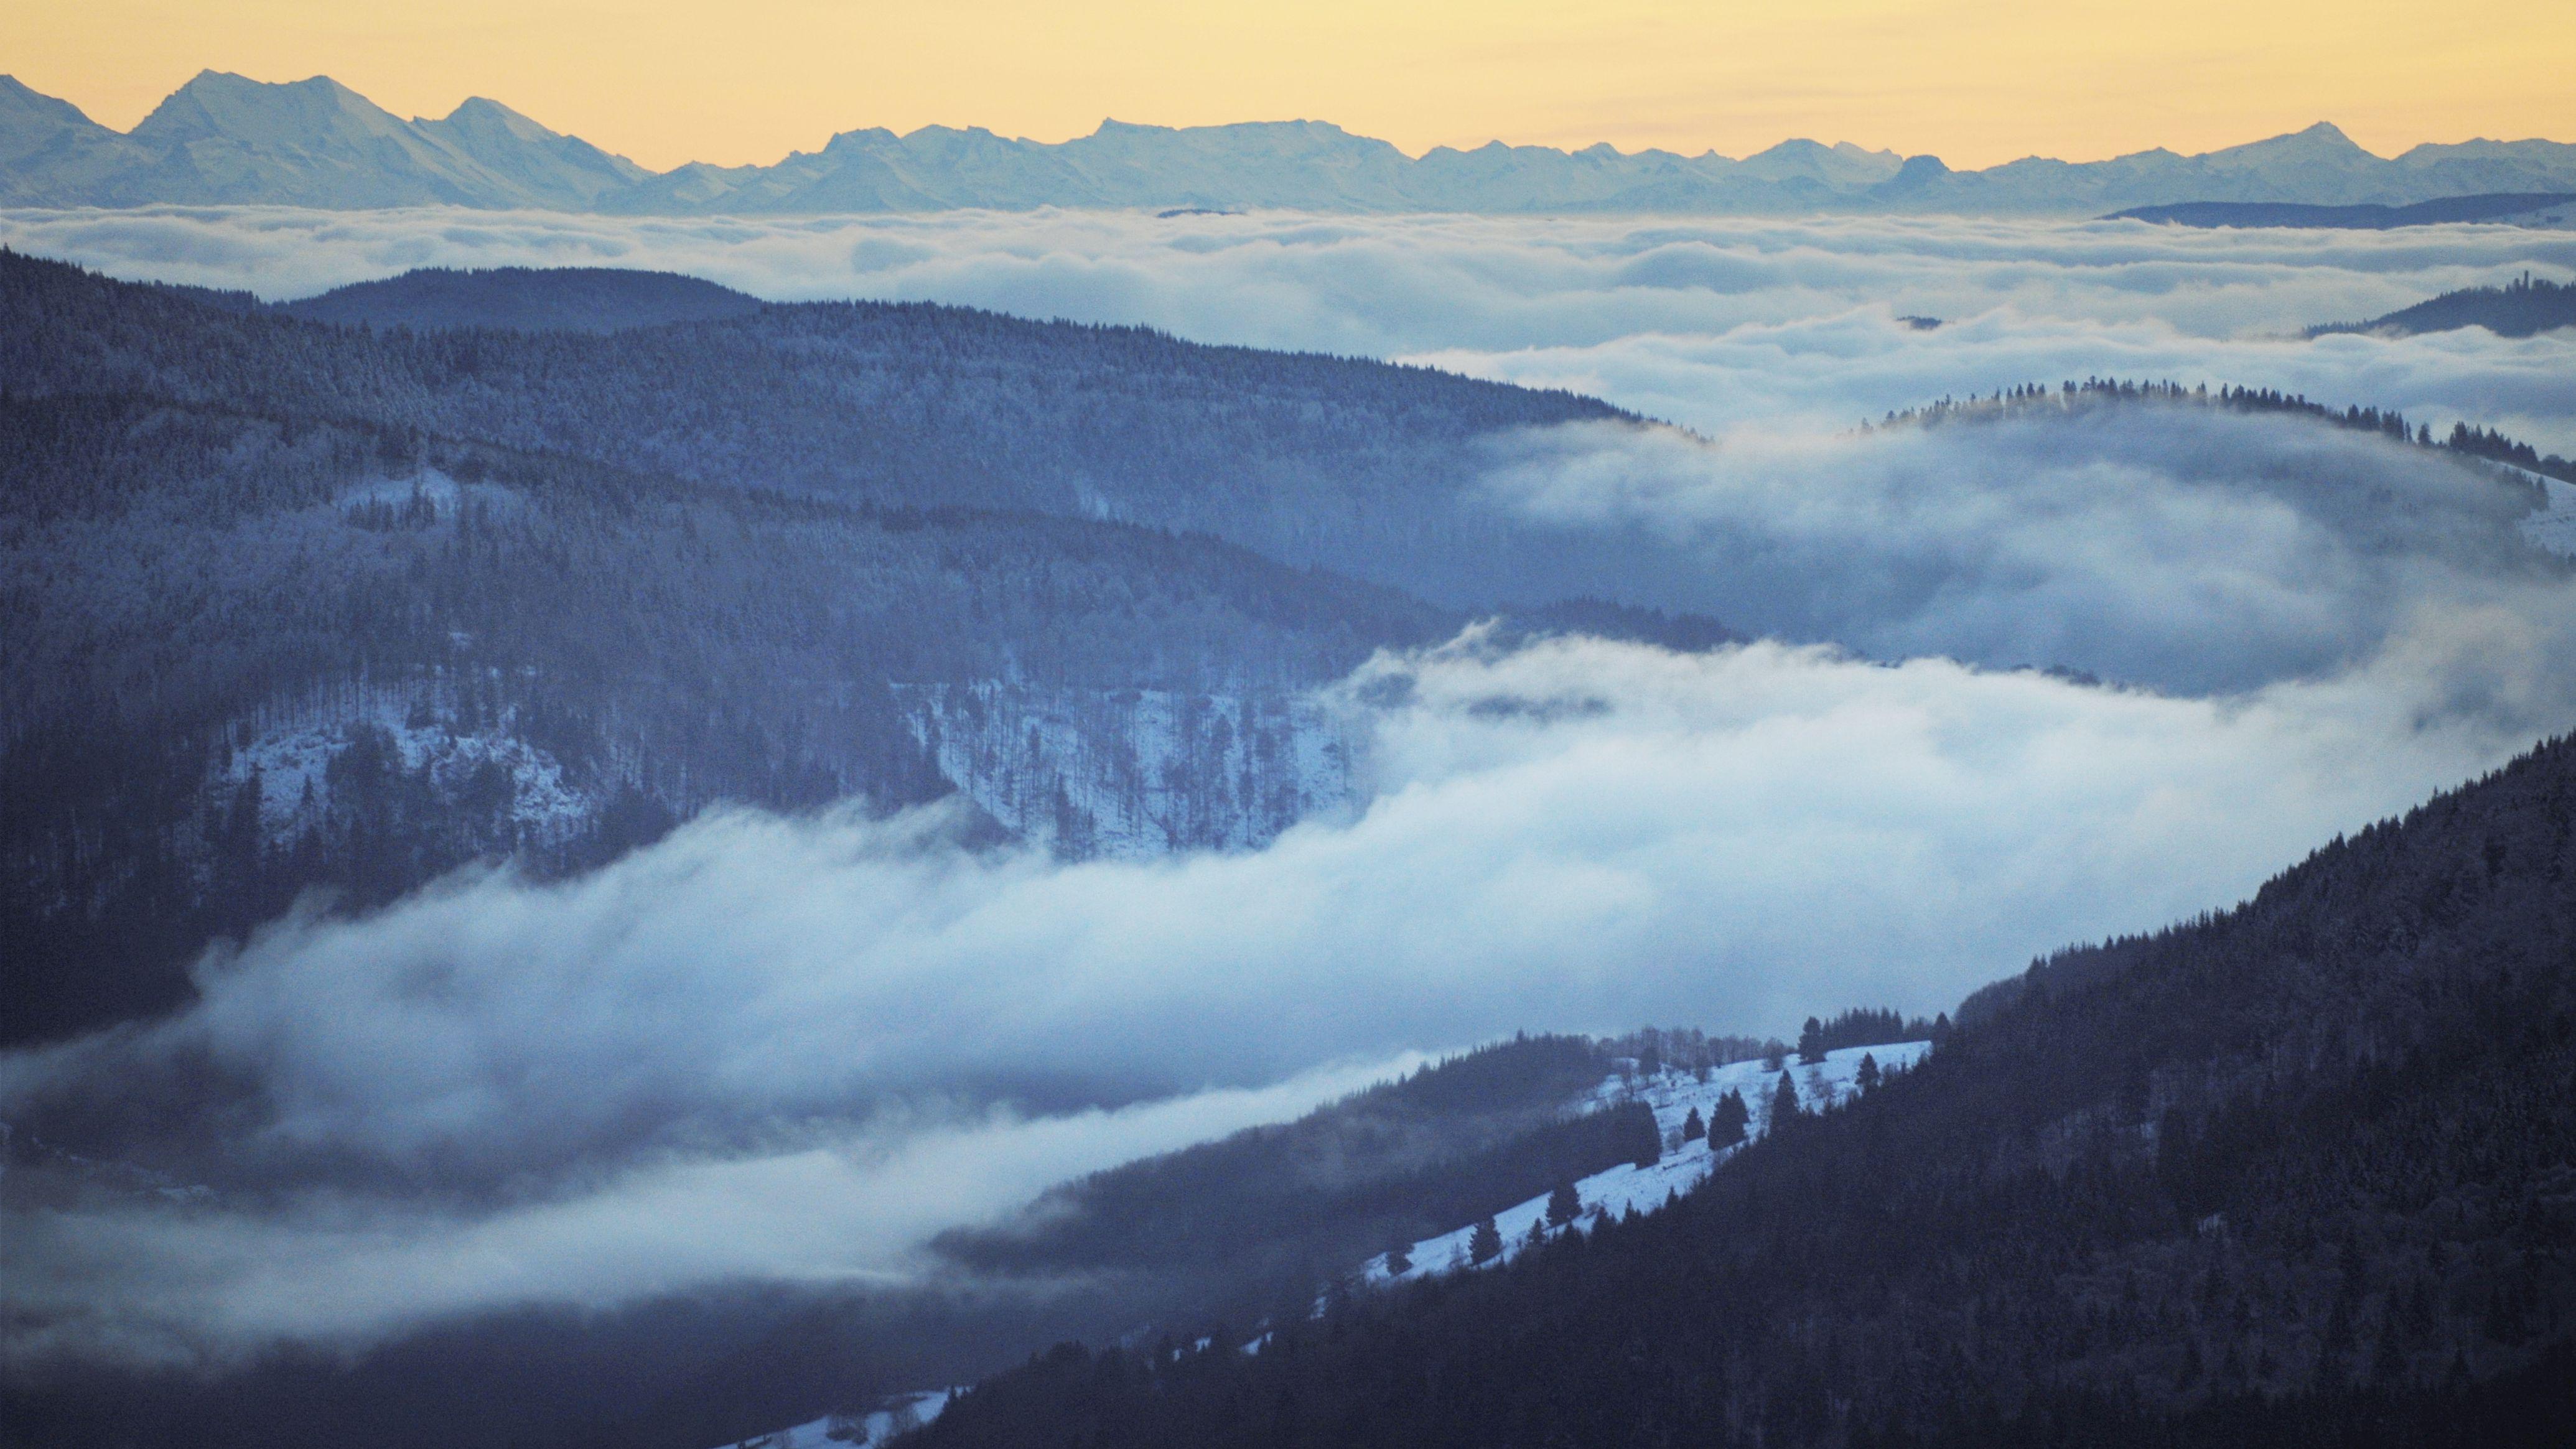 Blick von Martin Heideggers Hütte in Todtnauberg über die weite neblige Landschaft, Wald, am Horizont Berge